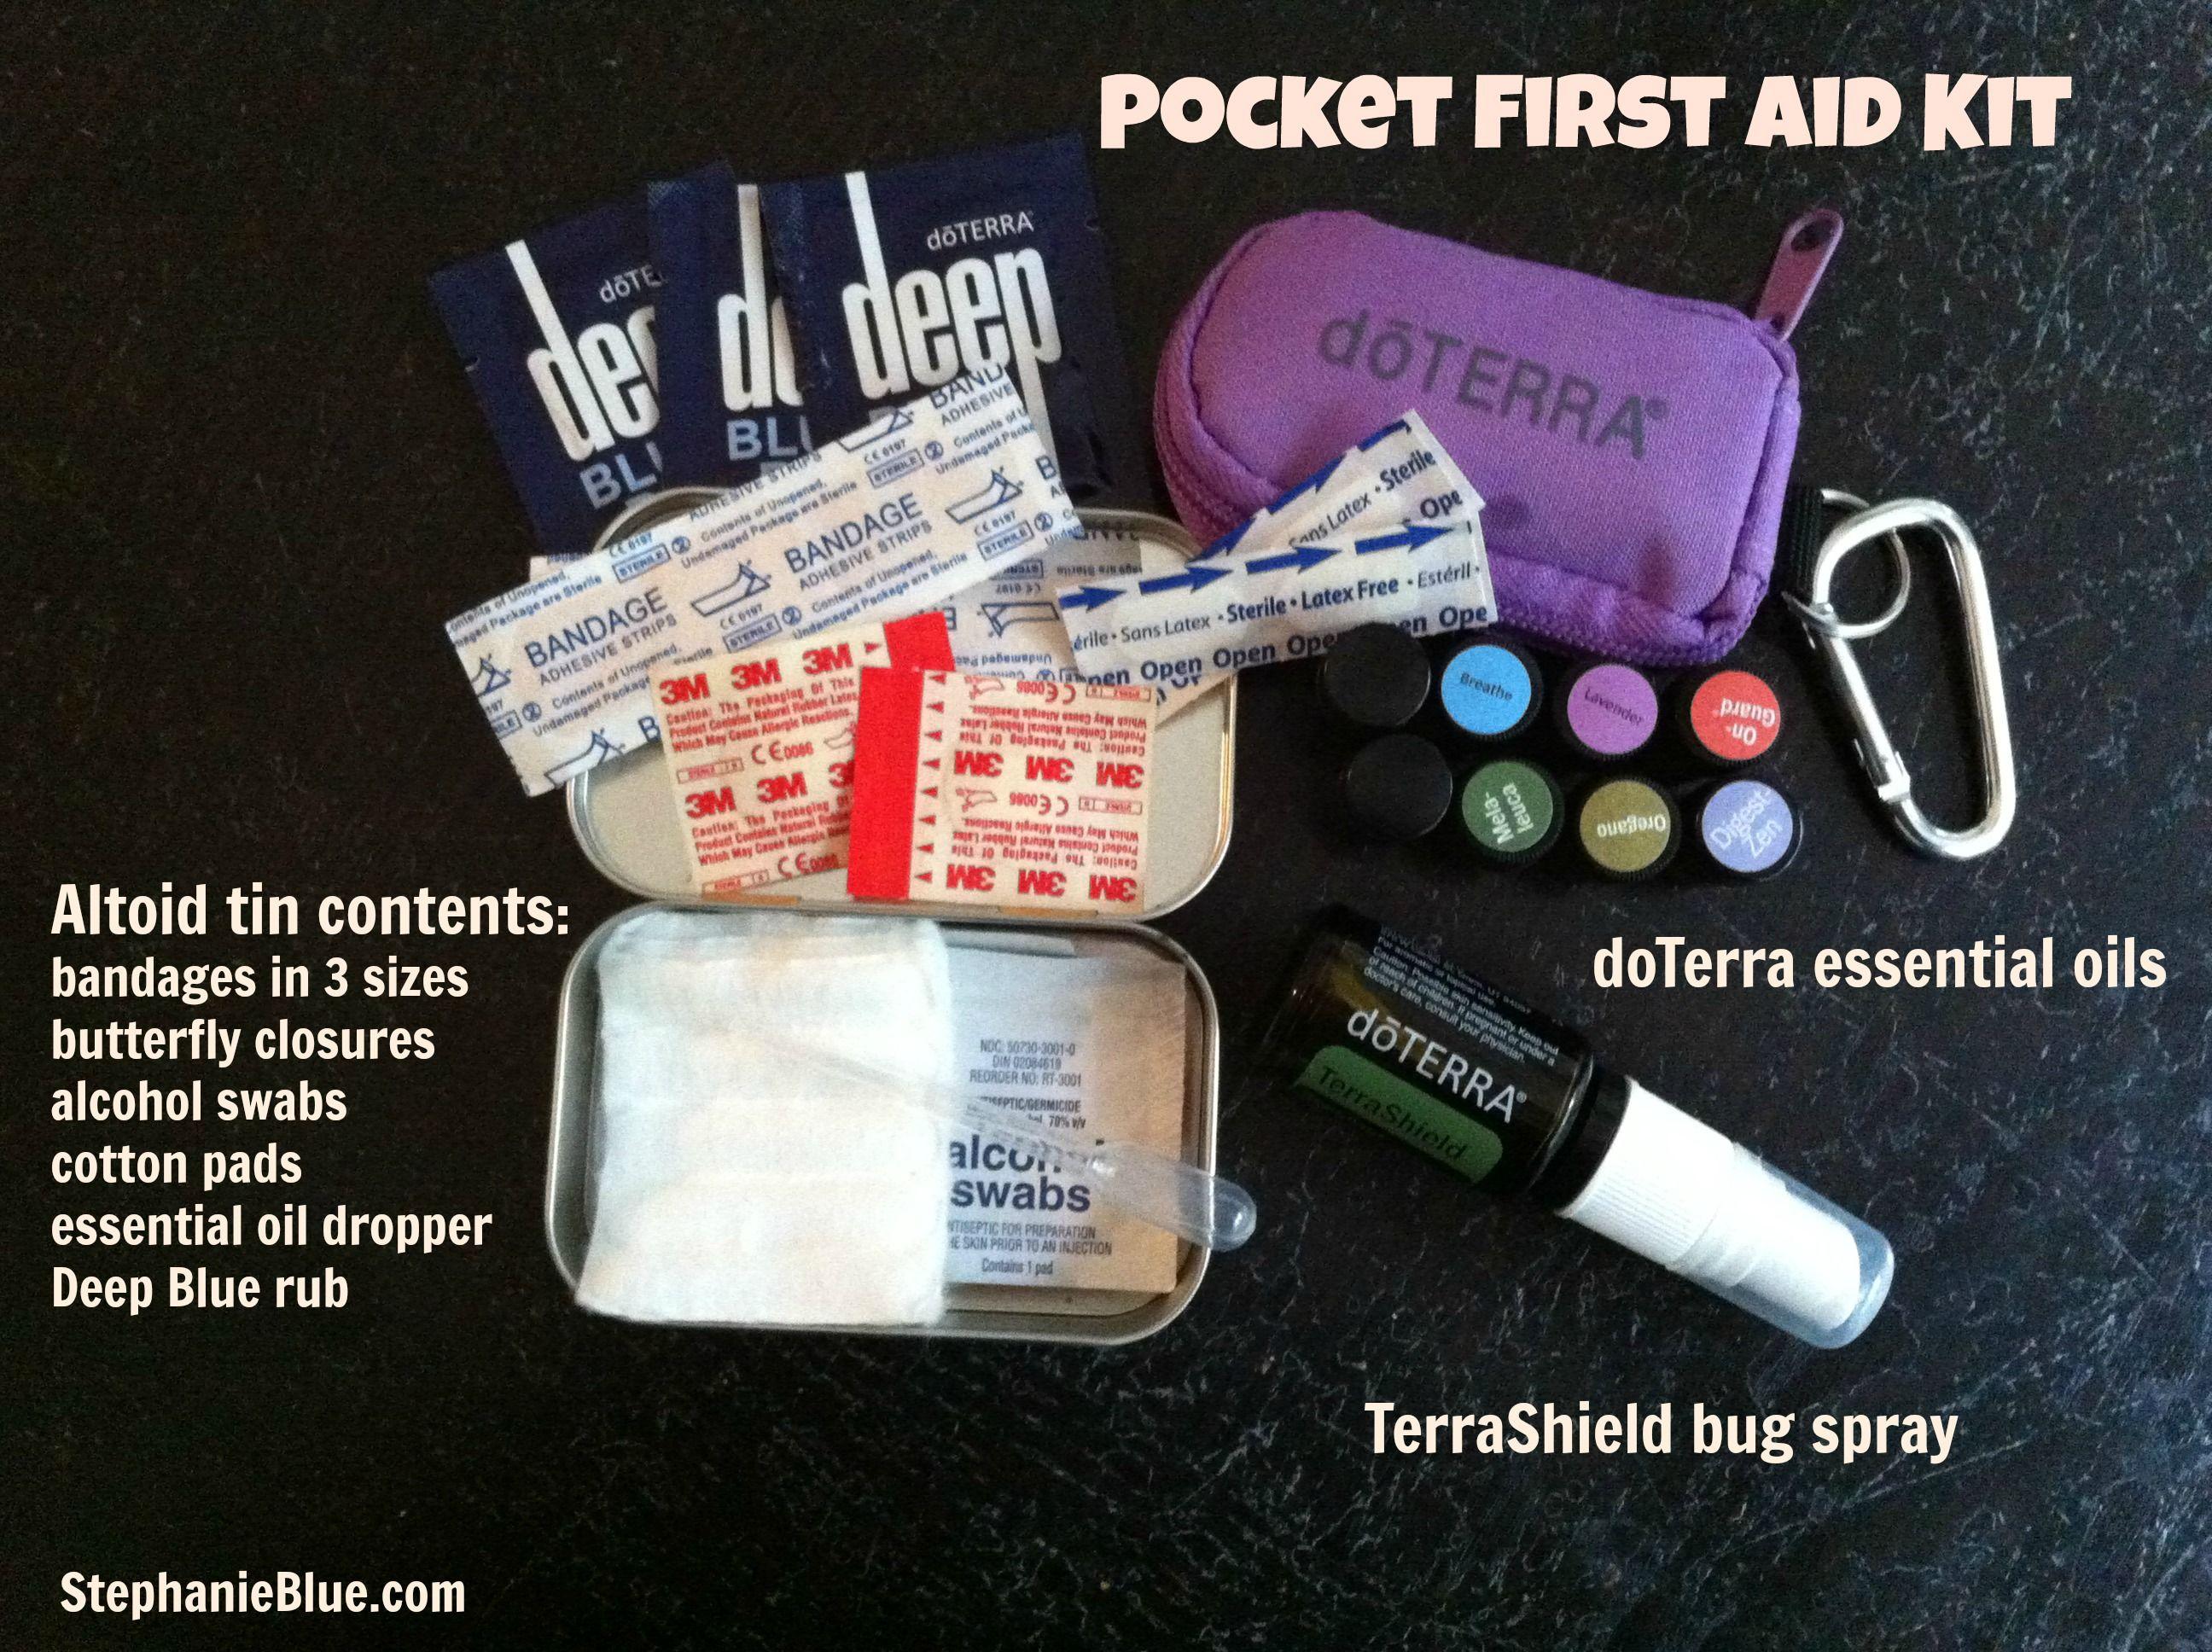 Emergency first aid kit emergency first aid kit first